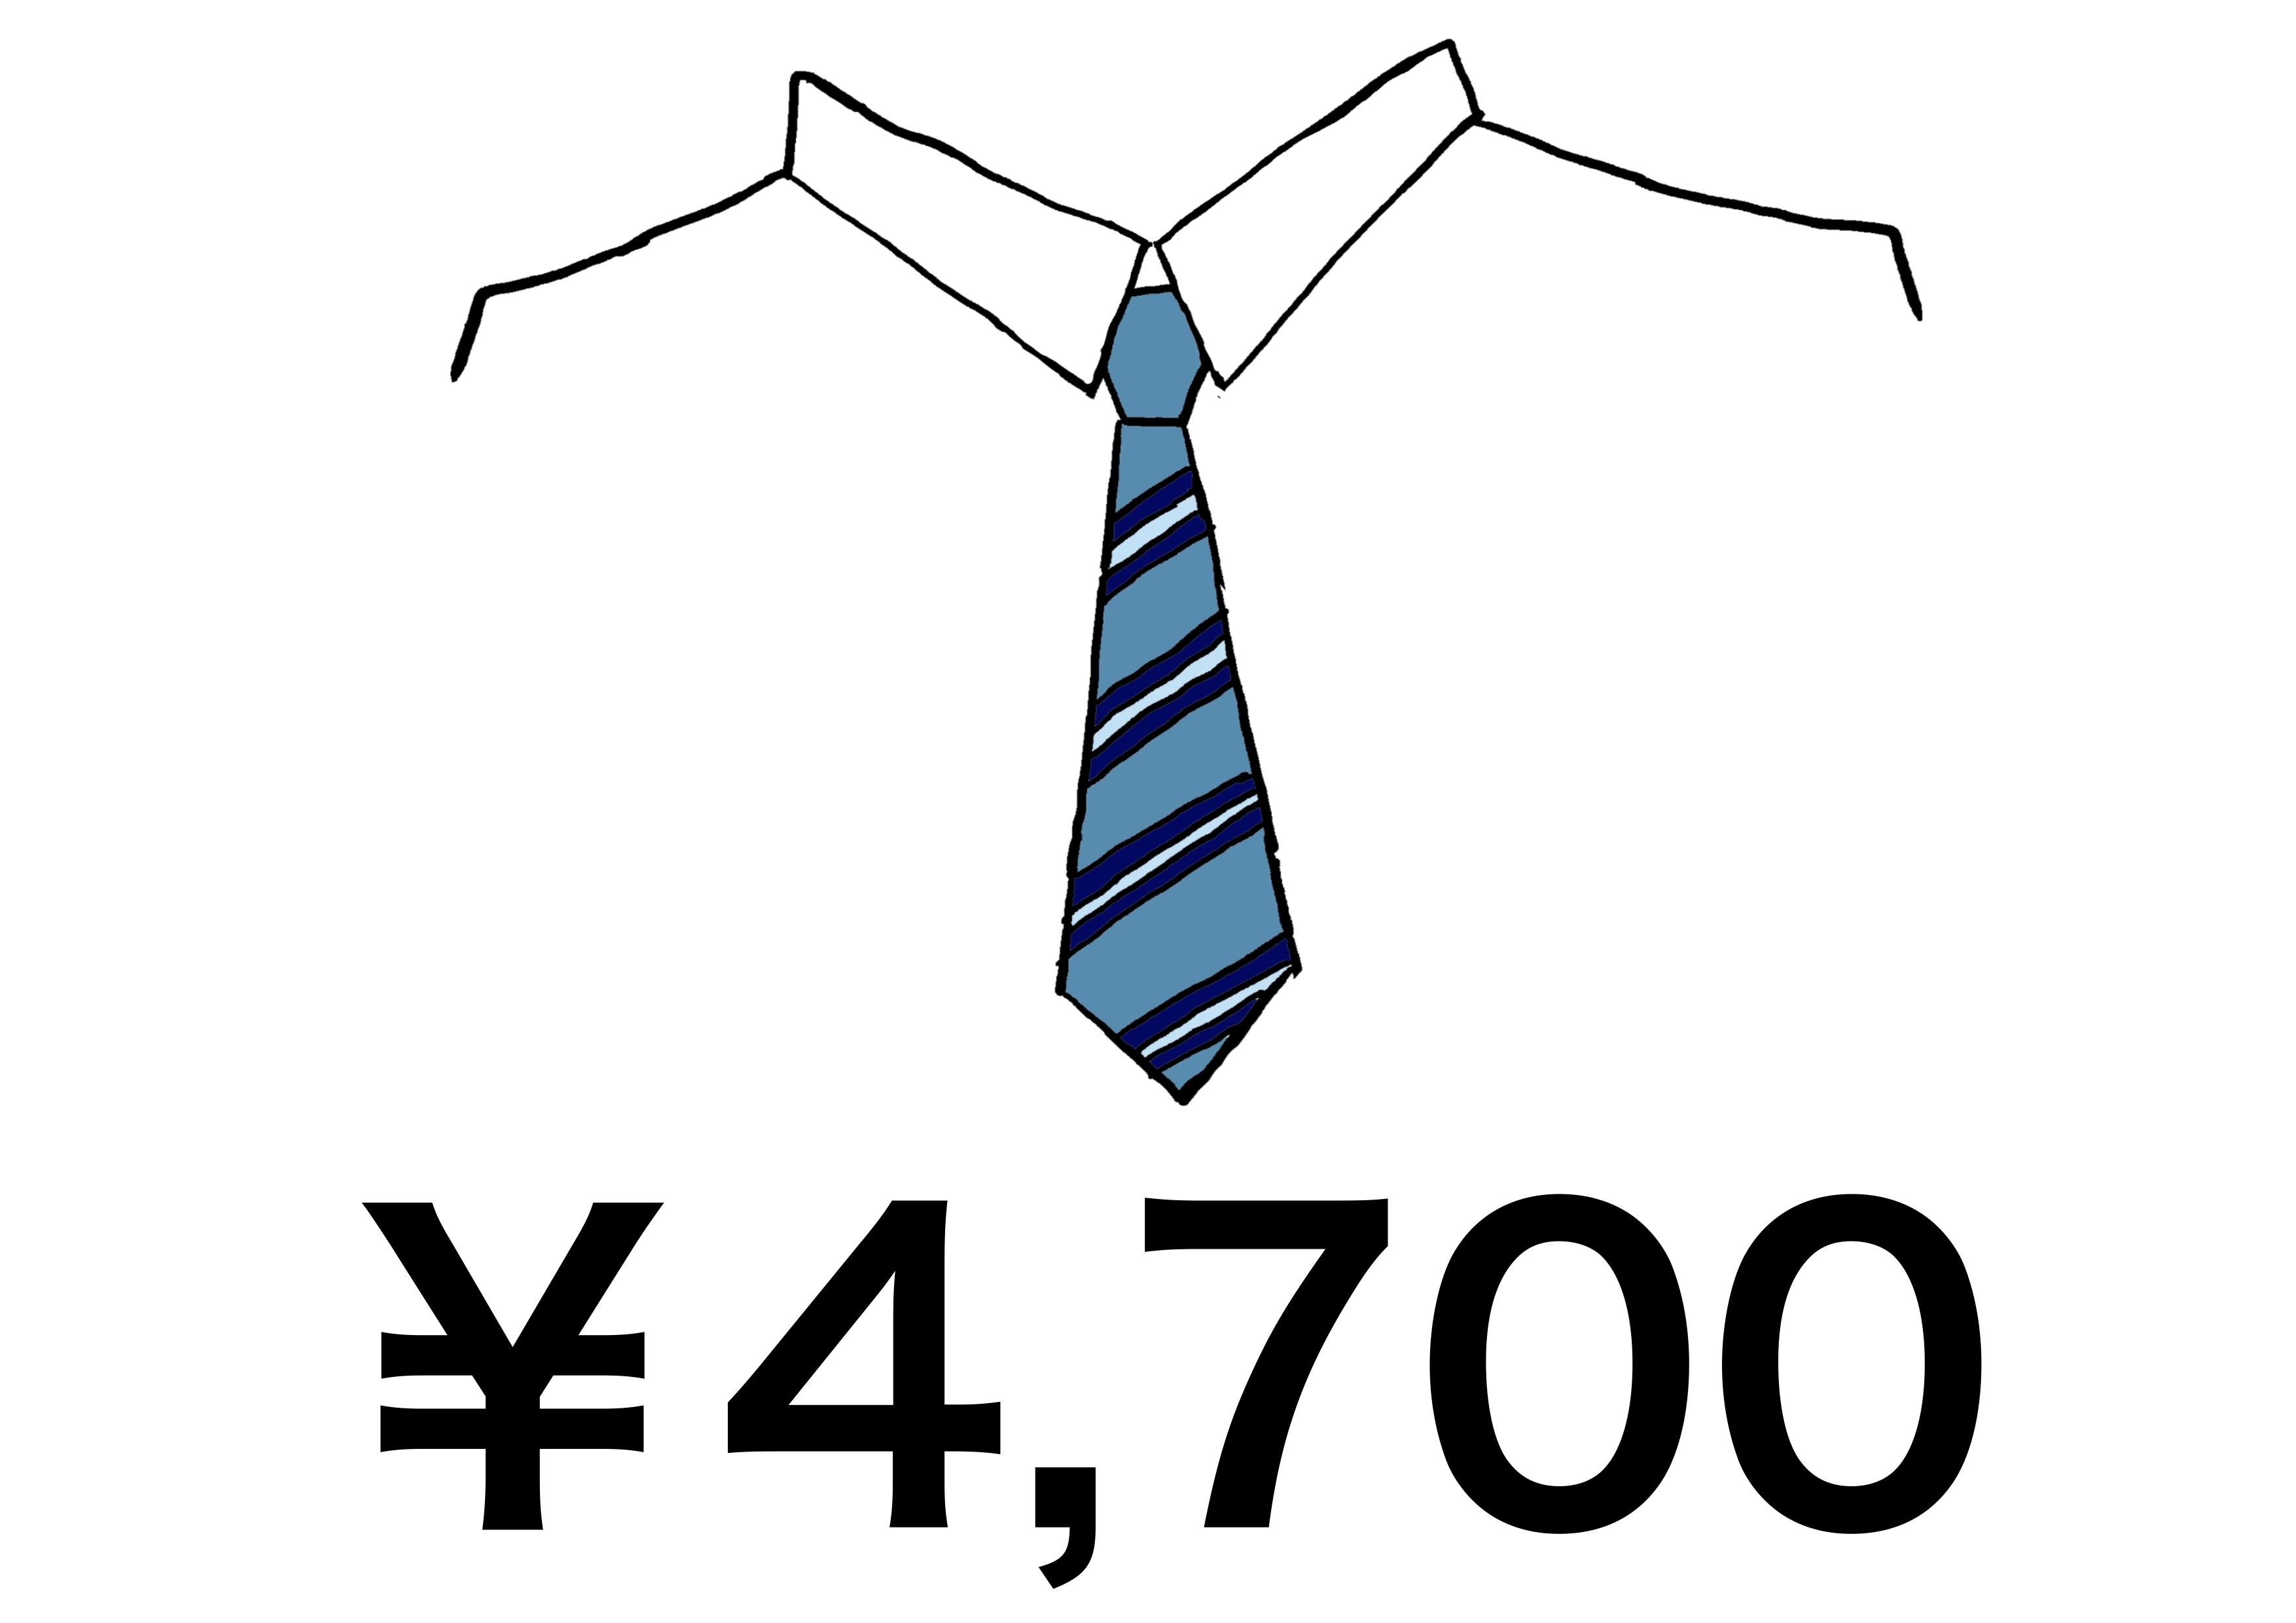 3課イラスト【ネクタイの値段】